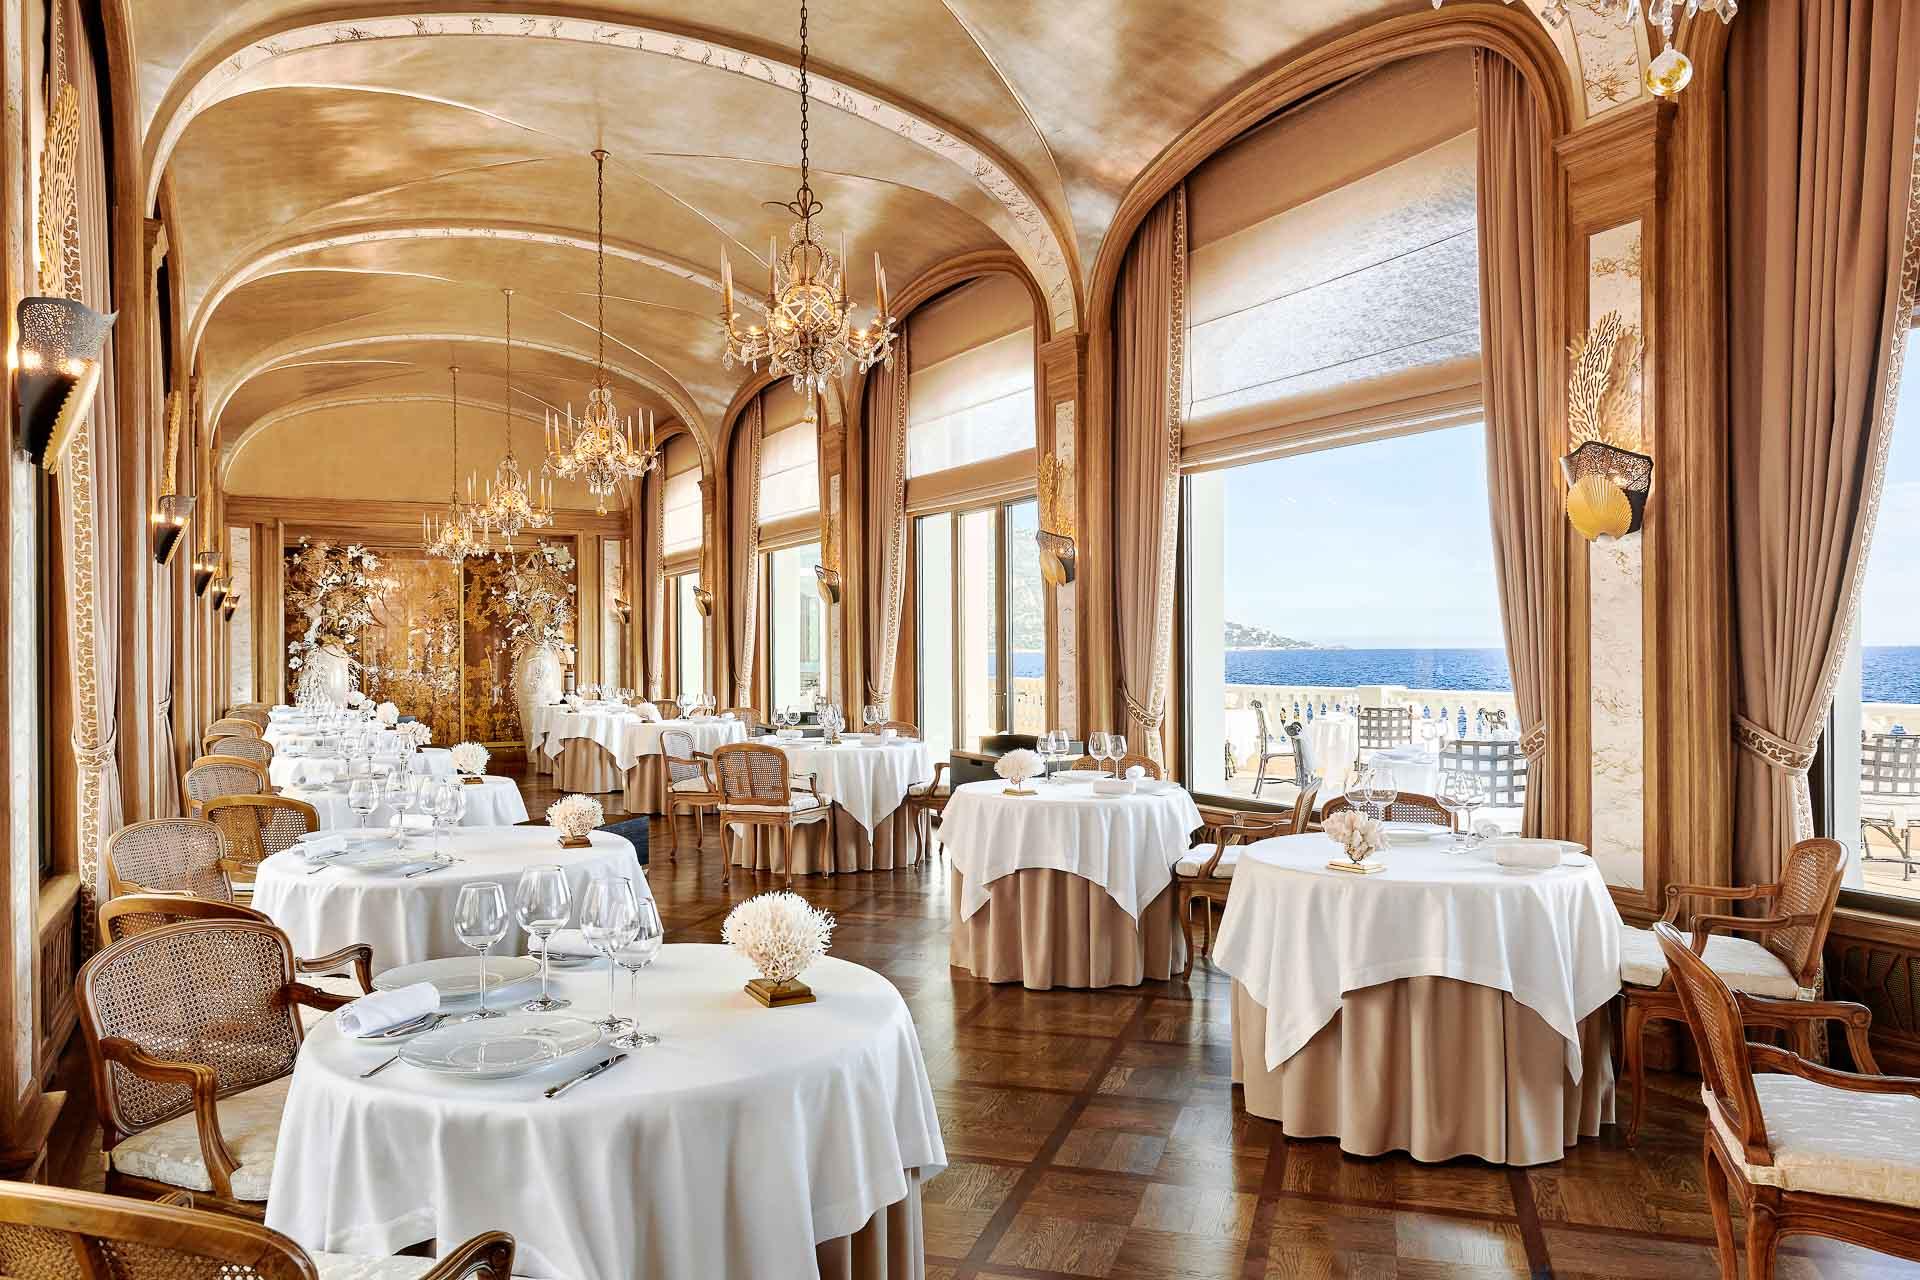 Ouvert en 1880 à deux pas de Nice, La Réserve de Beaulieu est encore aujourd'hui l'une des icônes hôtelières de la Côte d'Azur. Un grand hôtel aux manières de palace à redécouvrir cet été.